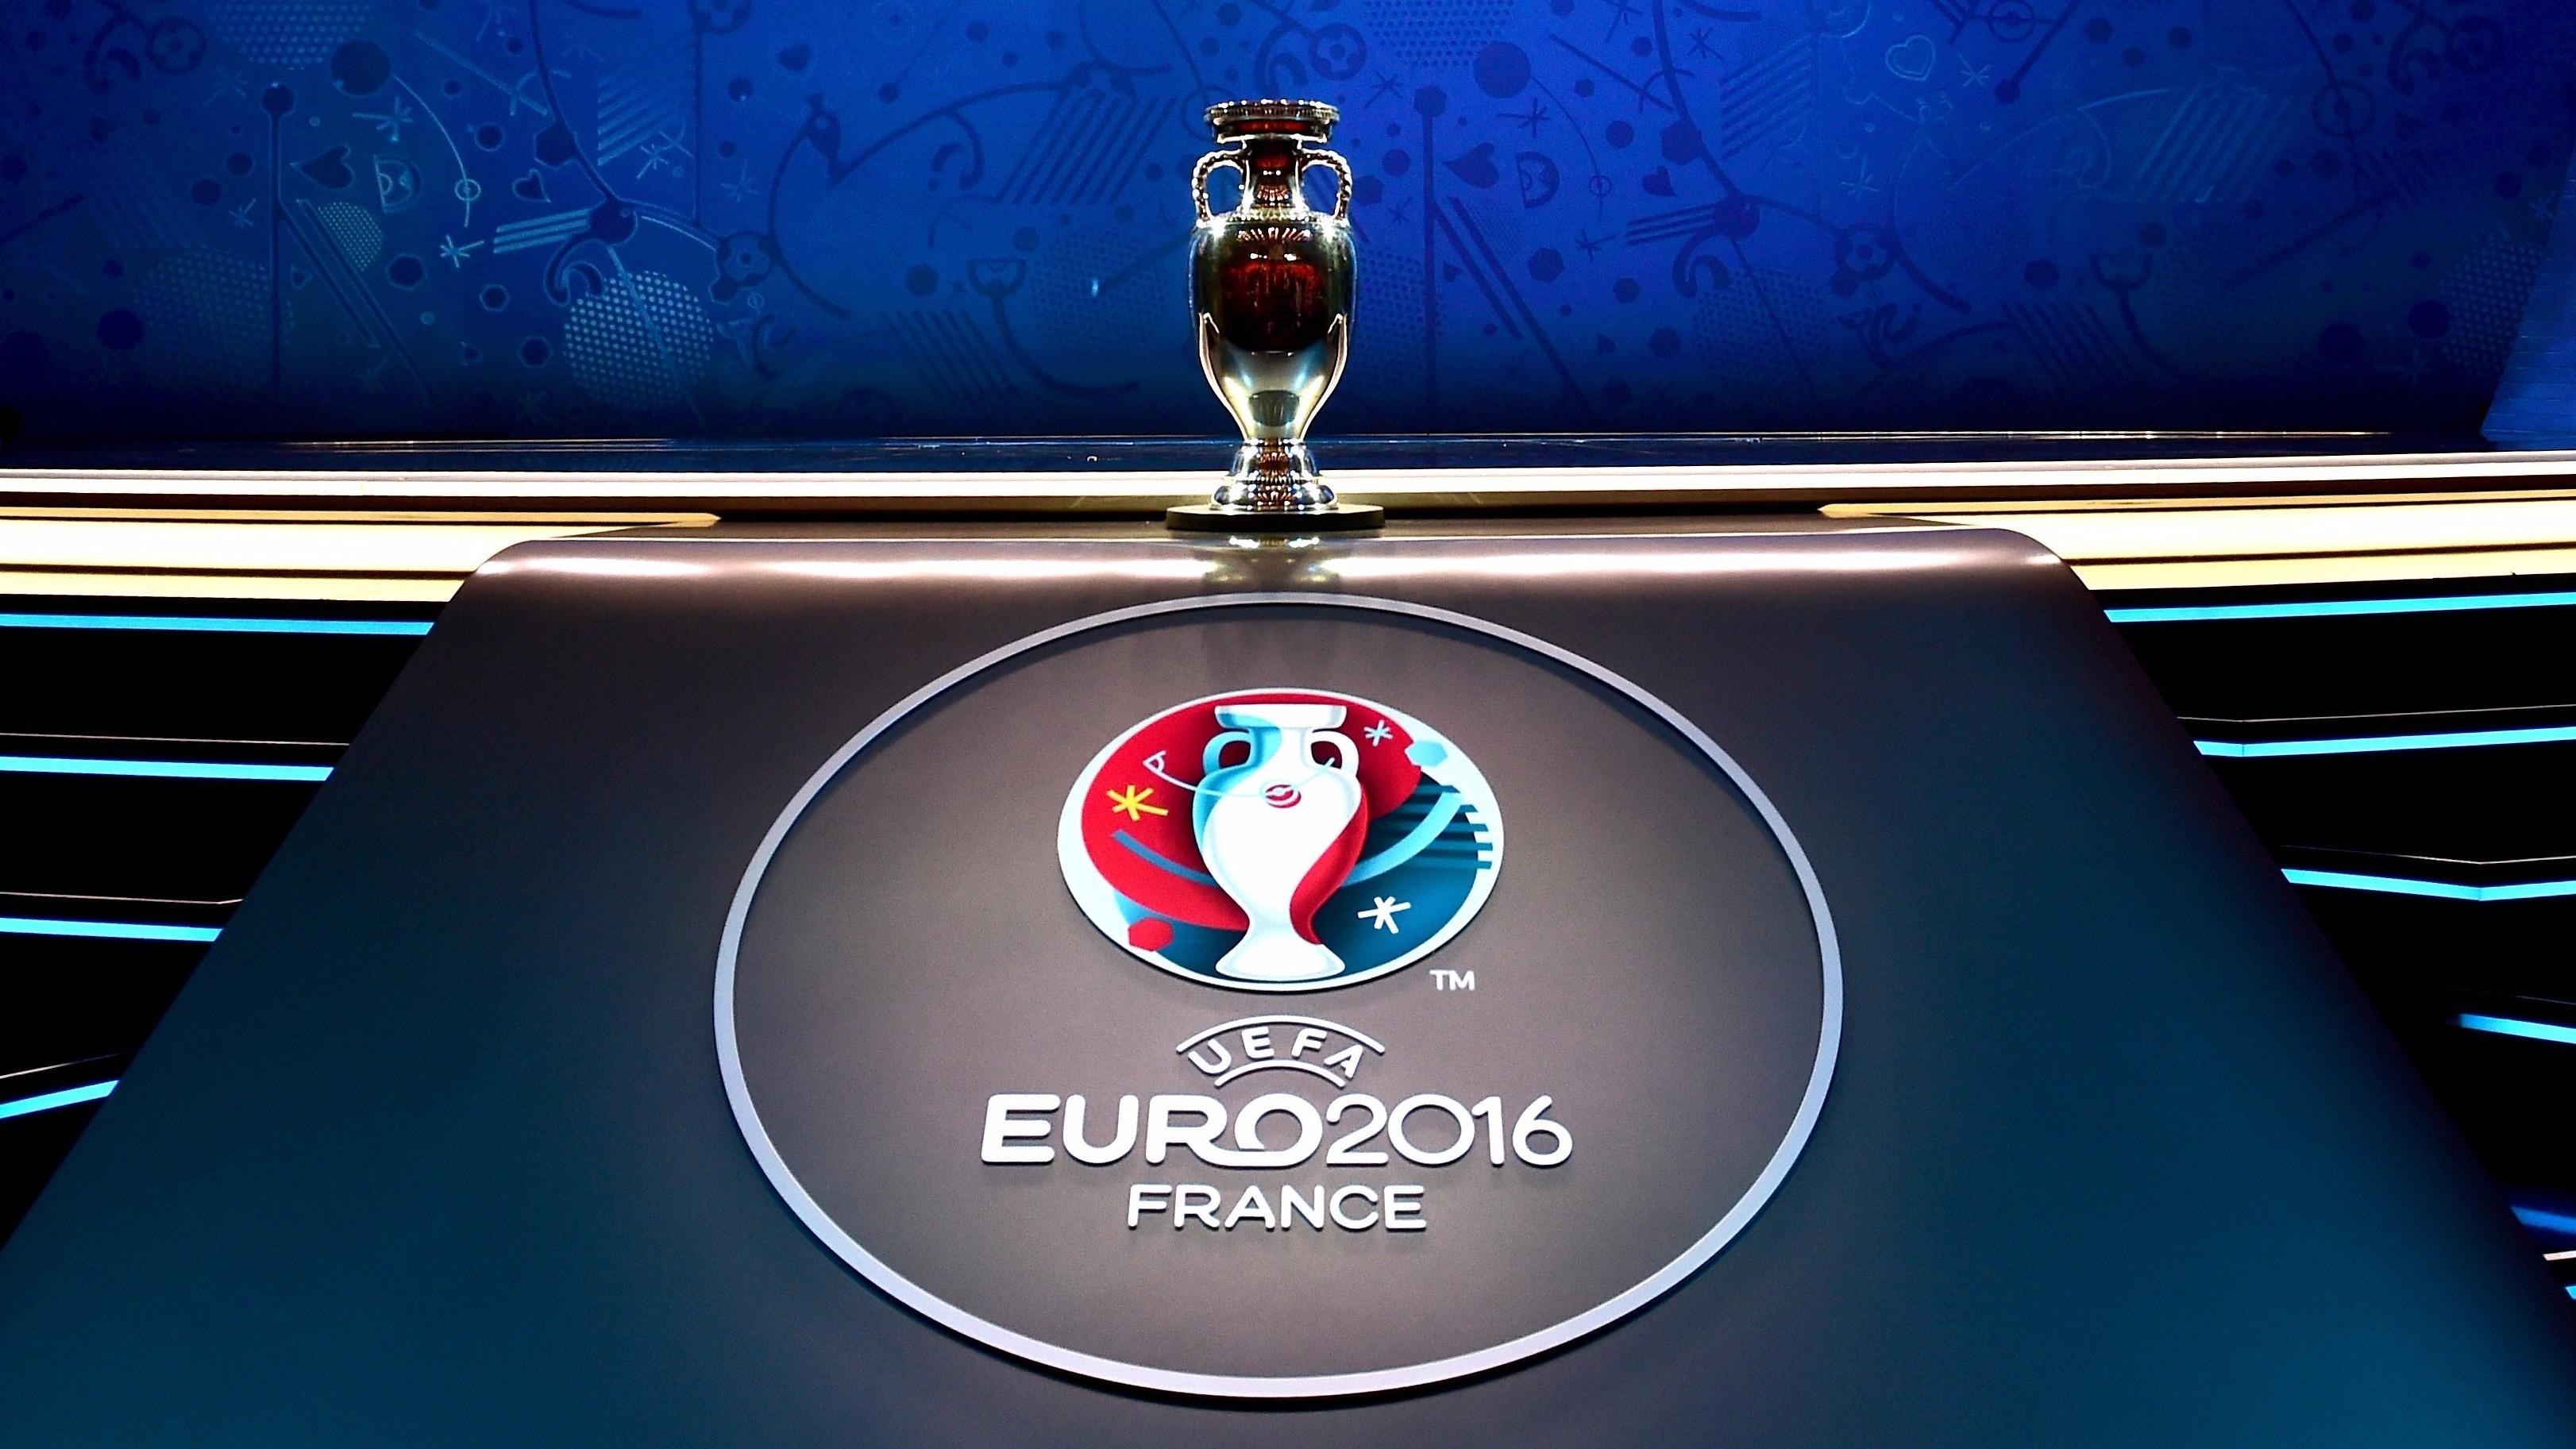 Euro 2016: info e curiosità sull'evento calcistico più atteso dell'estate